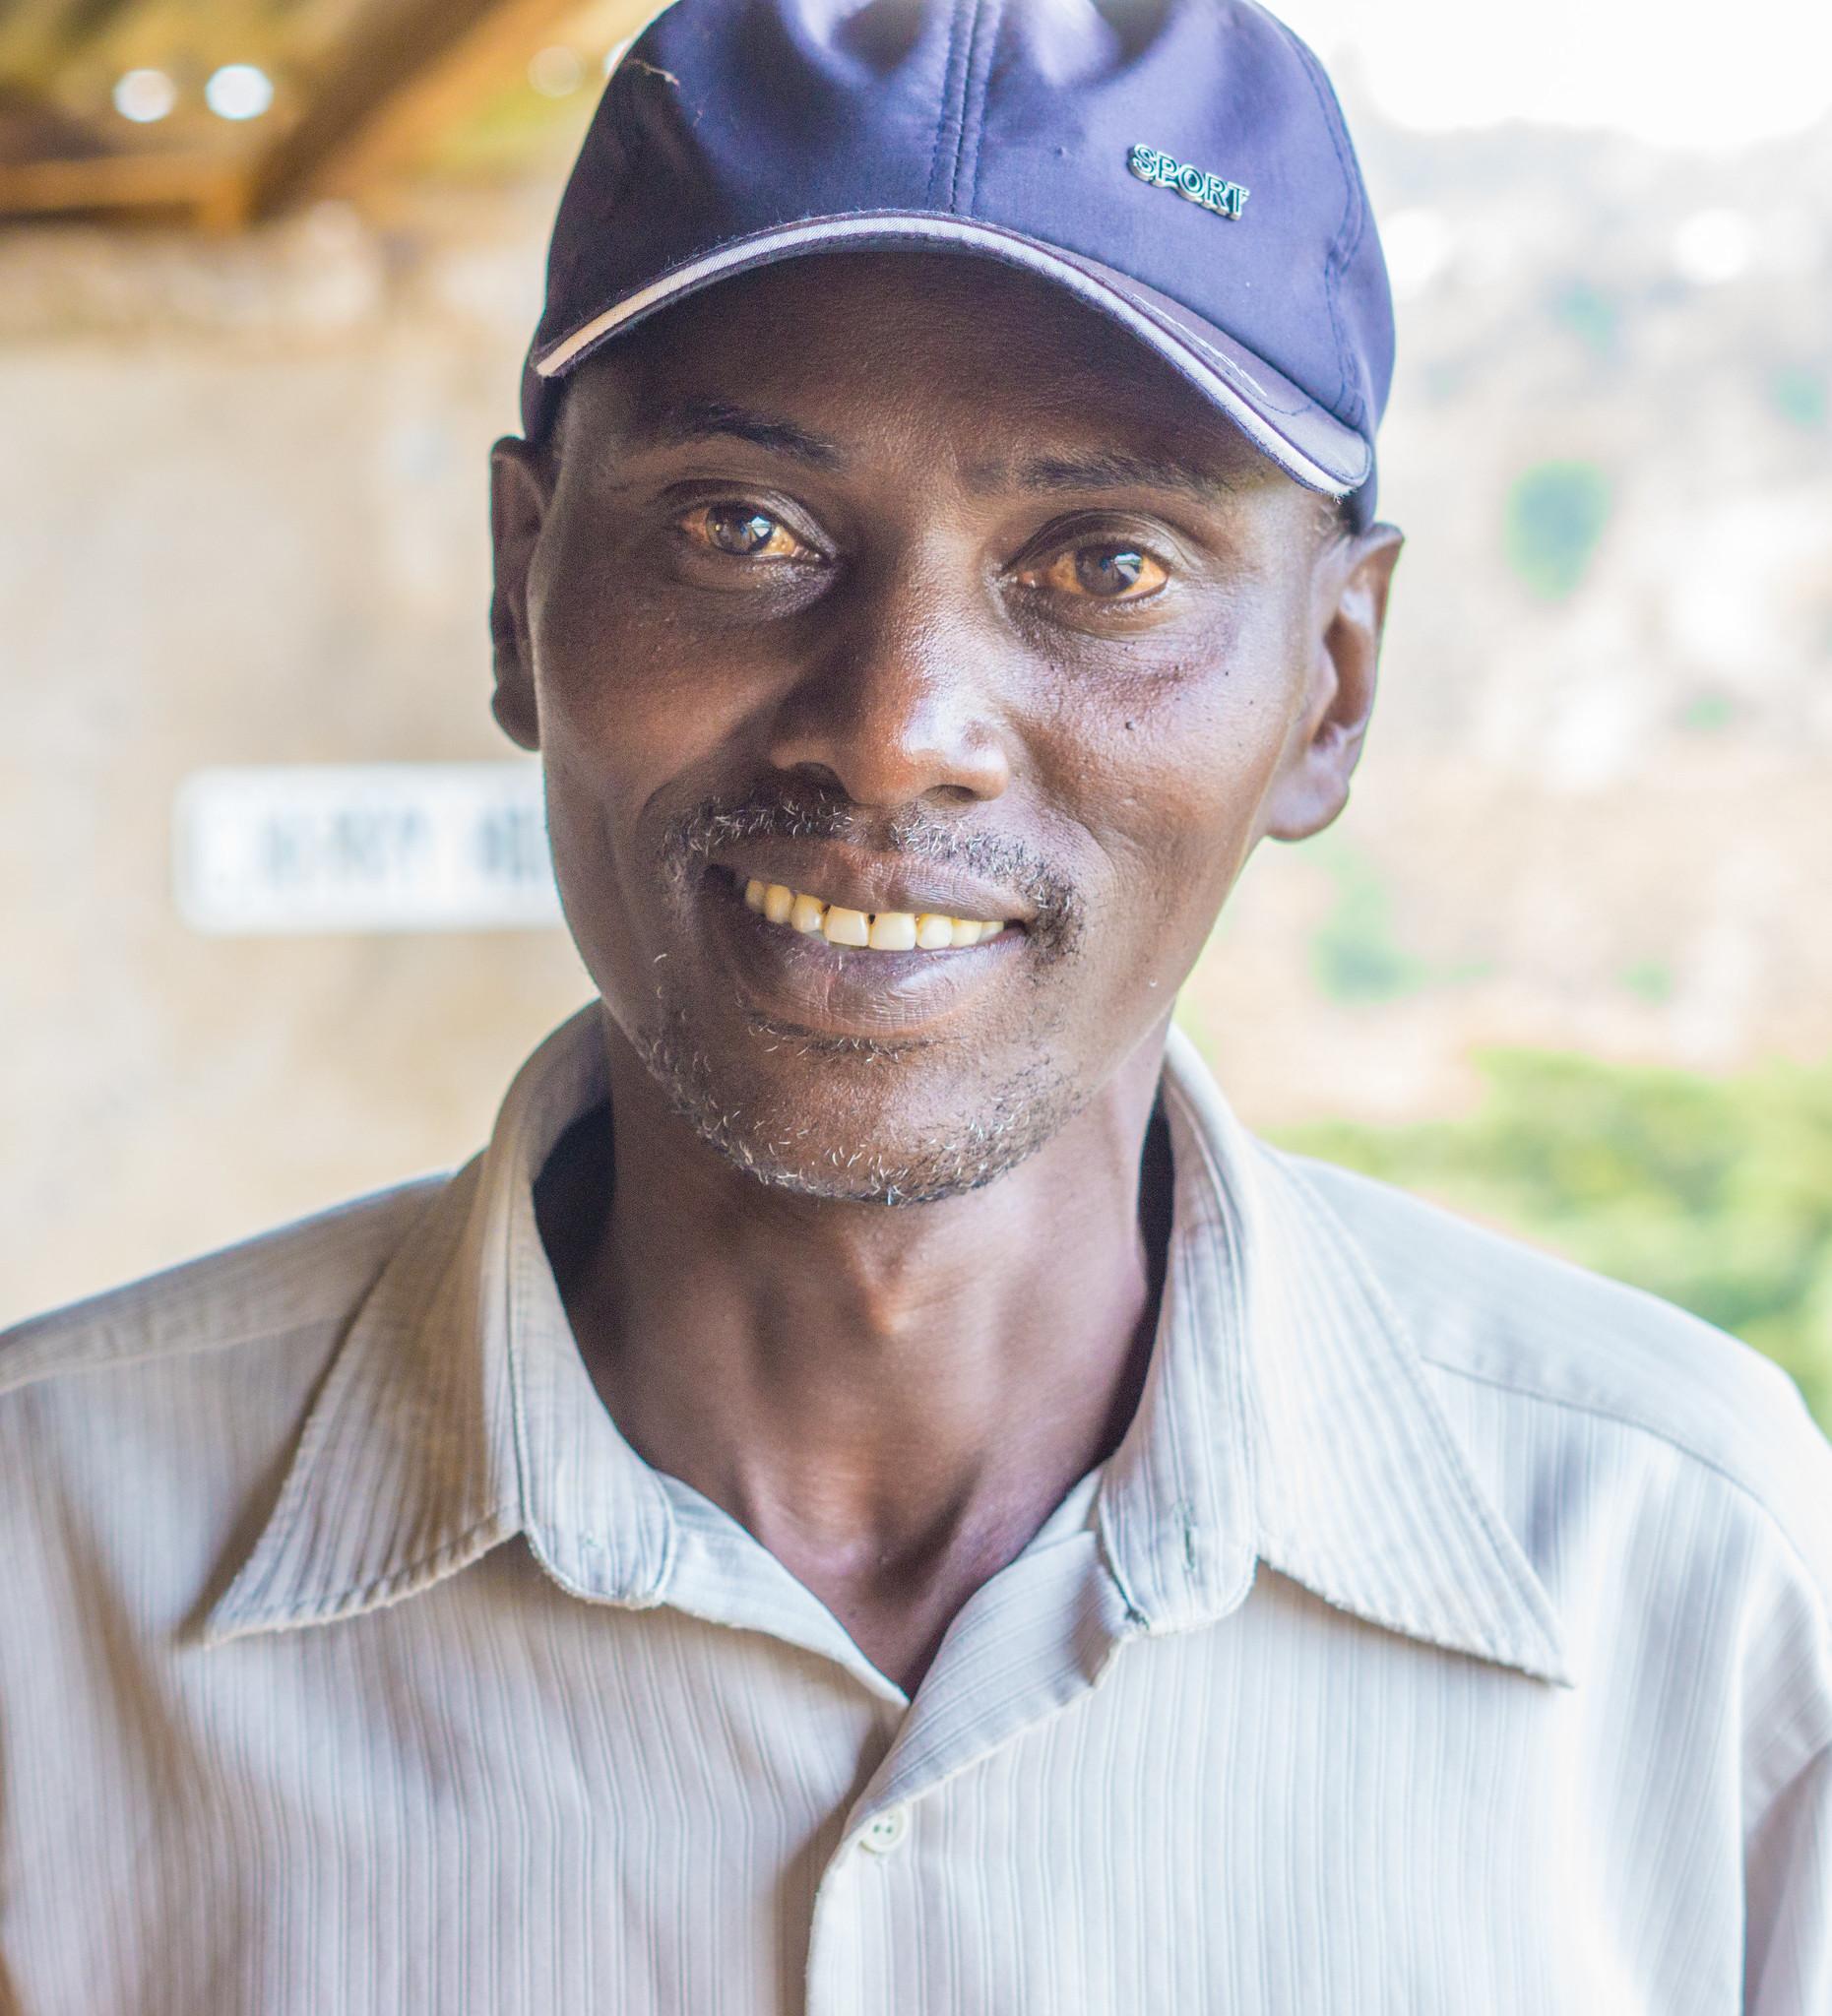 Michael Mwangi